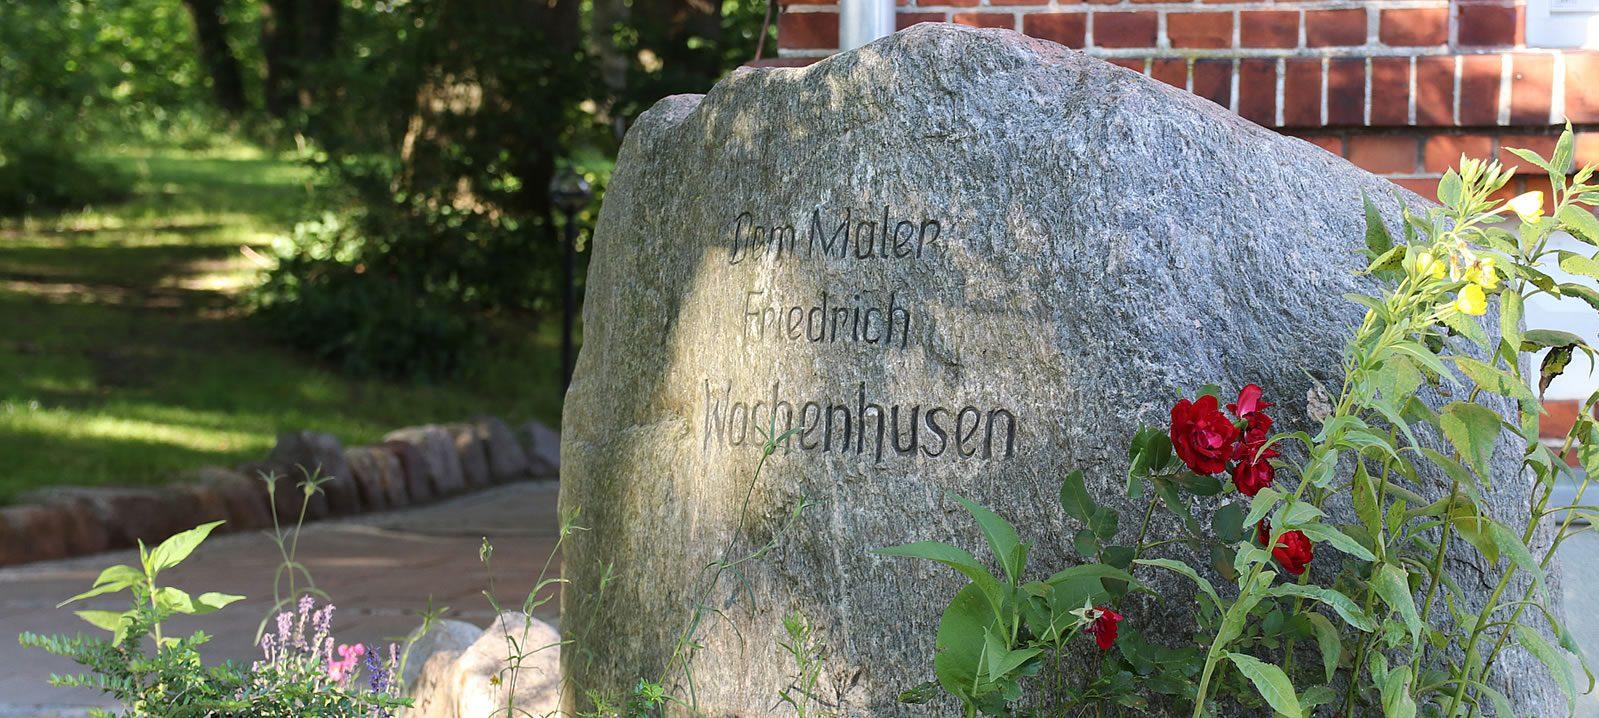 Gedenkstein für den Maler Friedrich Wachenhusen